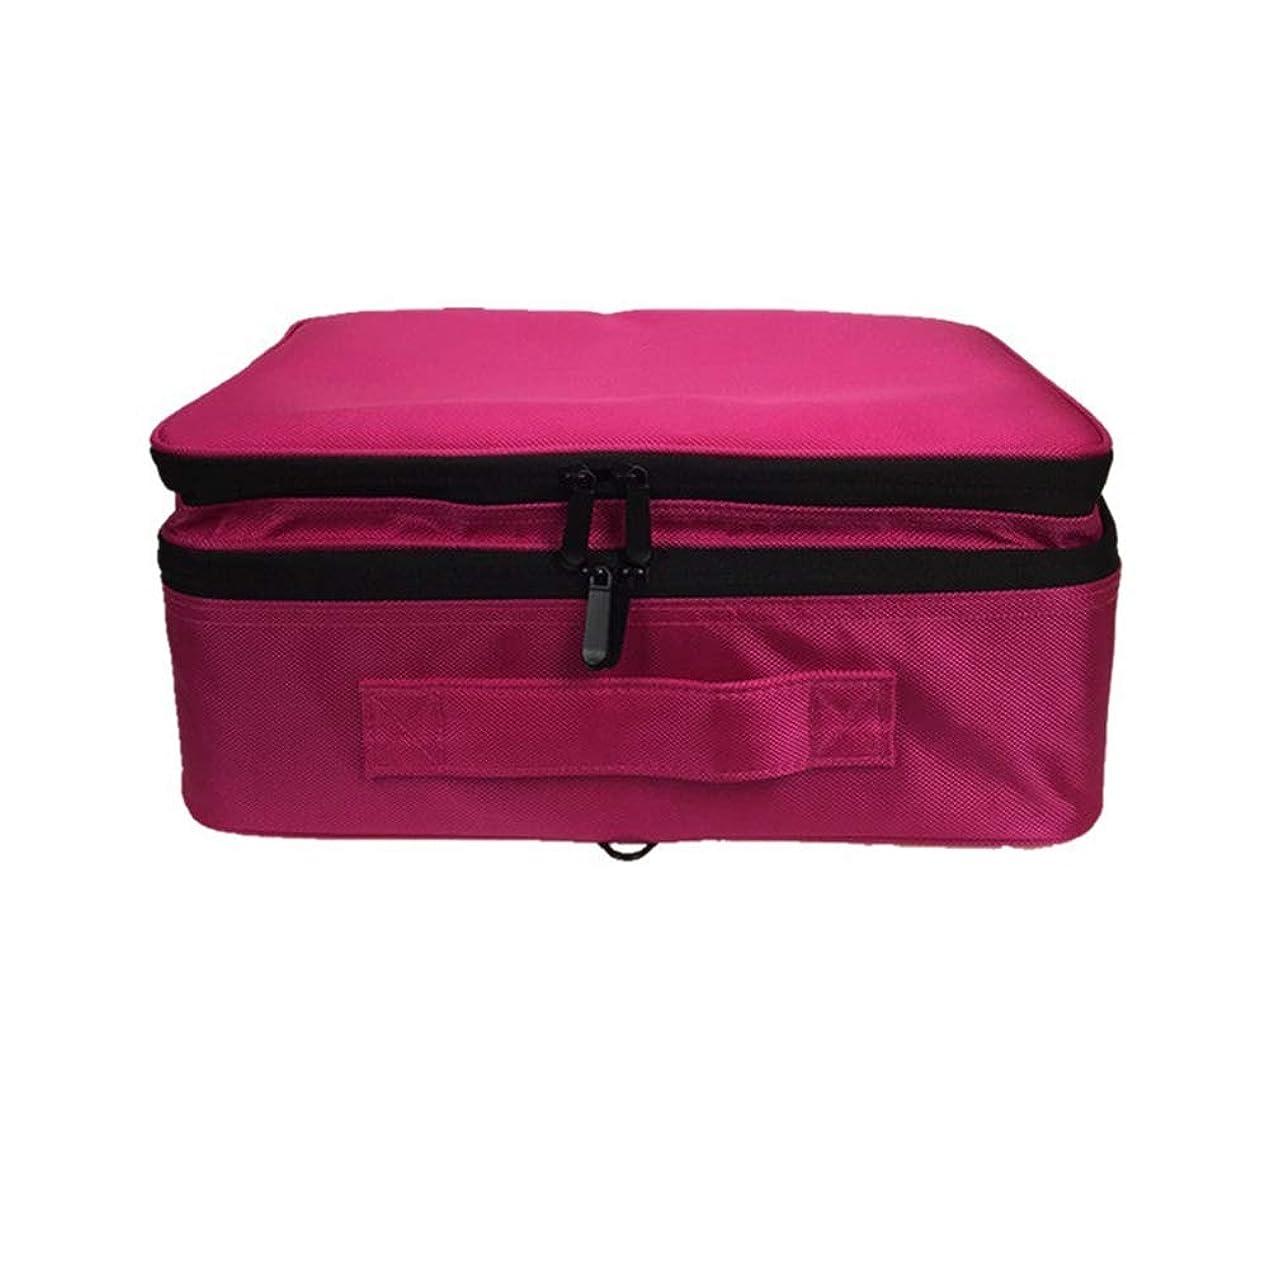 エゴマニア許す安全性化粧オーガナイザーバッグ 調整可能な仕切り付き防水メイクアップバッグ旅行化粧ケースブラシホルダー 化粧品ケース (色 : 赤)